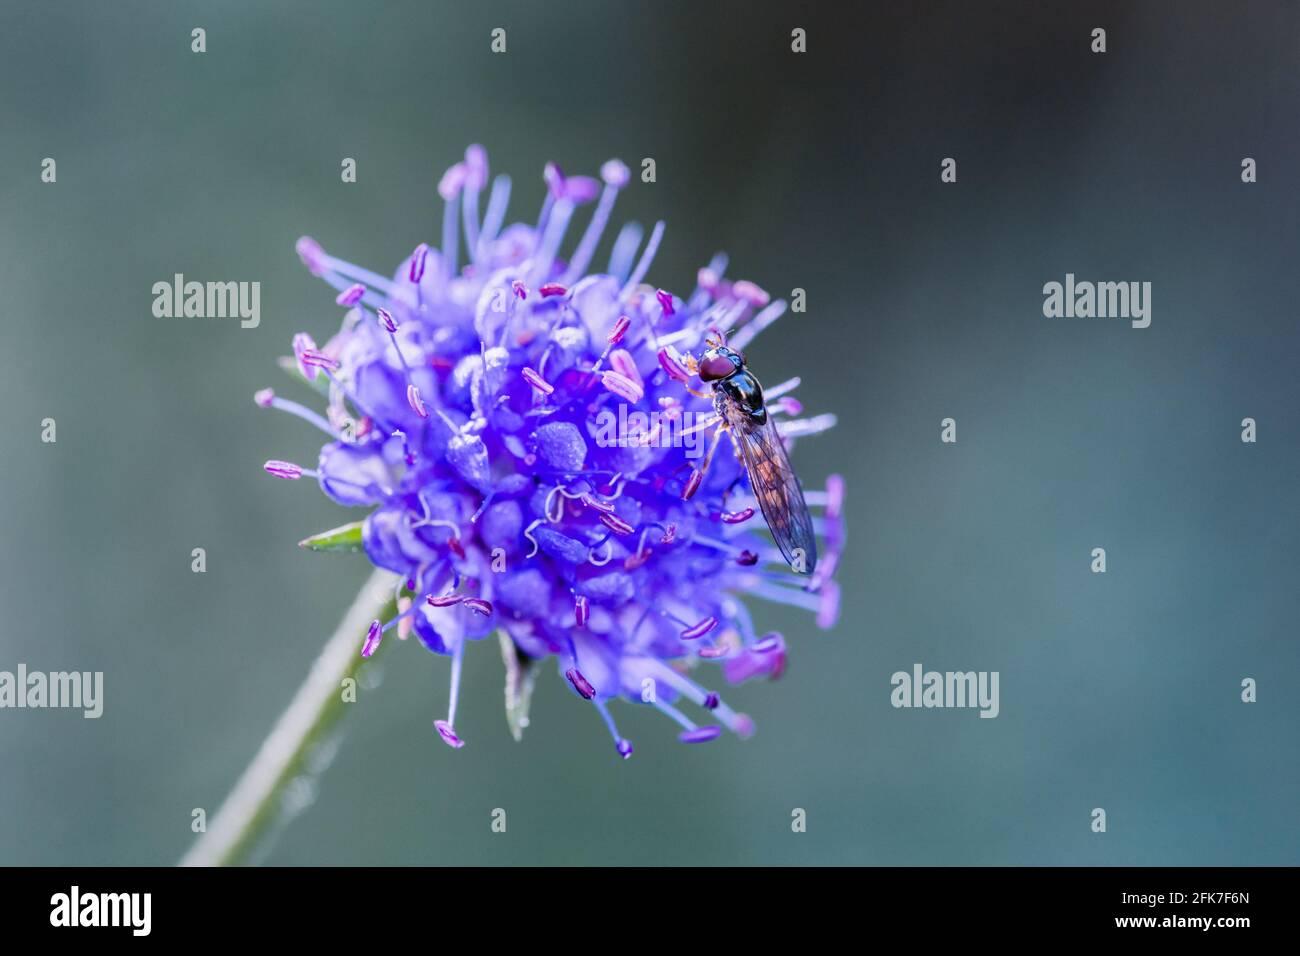 Melanostoma scalaare planer sur un Diable-bit Scabious Succisa pratensis Tête de fleur bleue ou violette dans les Highlands d'Écosse Banque D'Images